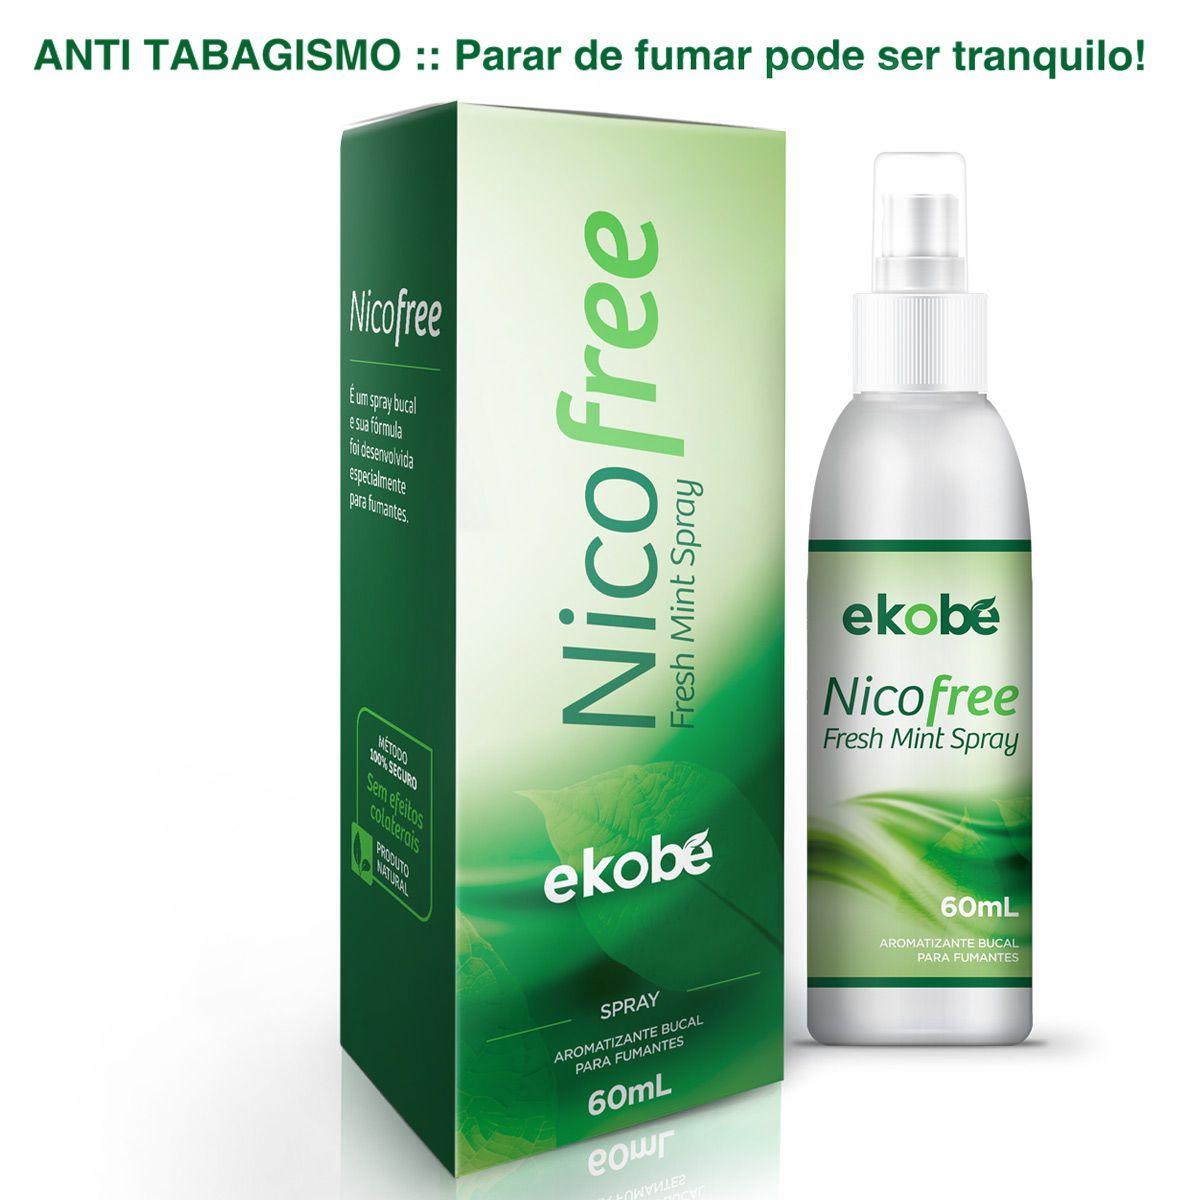 NicoFree Spray Parar de Fumar  - Testes Para Drogas e Parar de Beber e Fumar